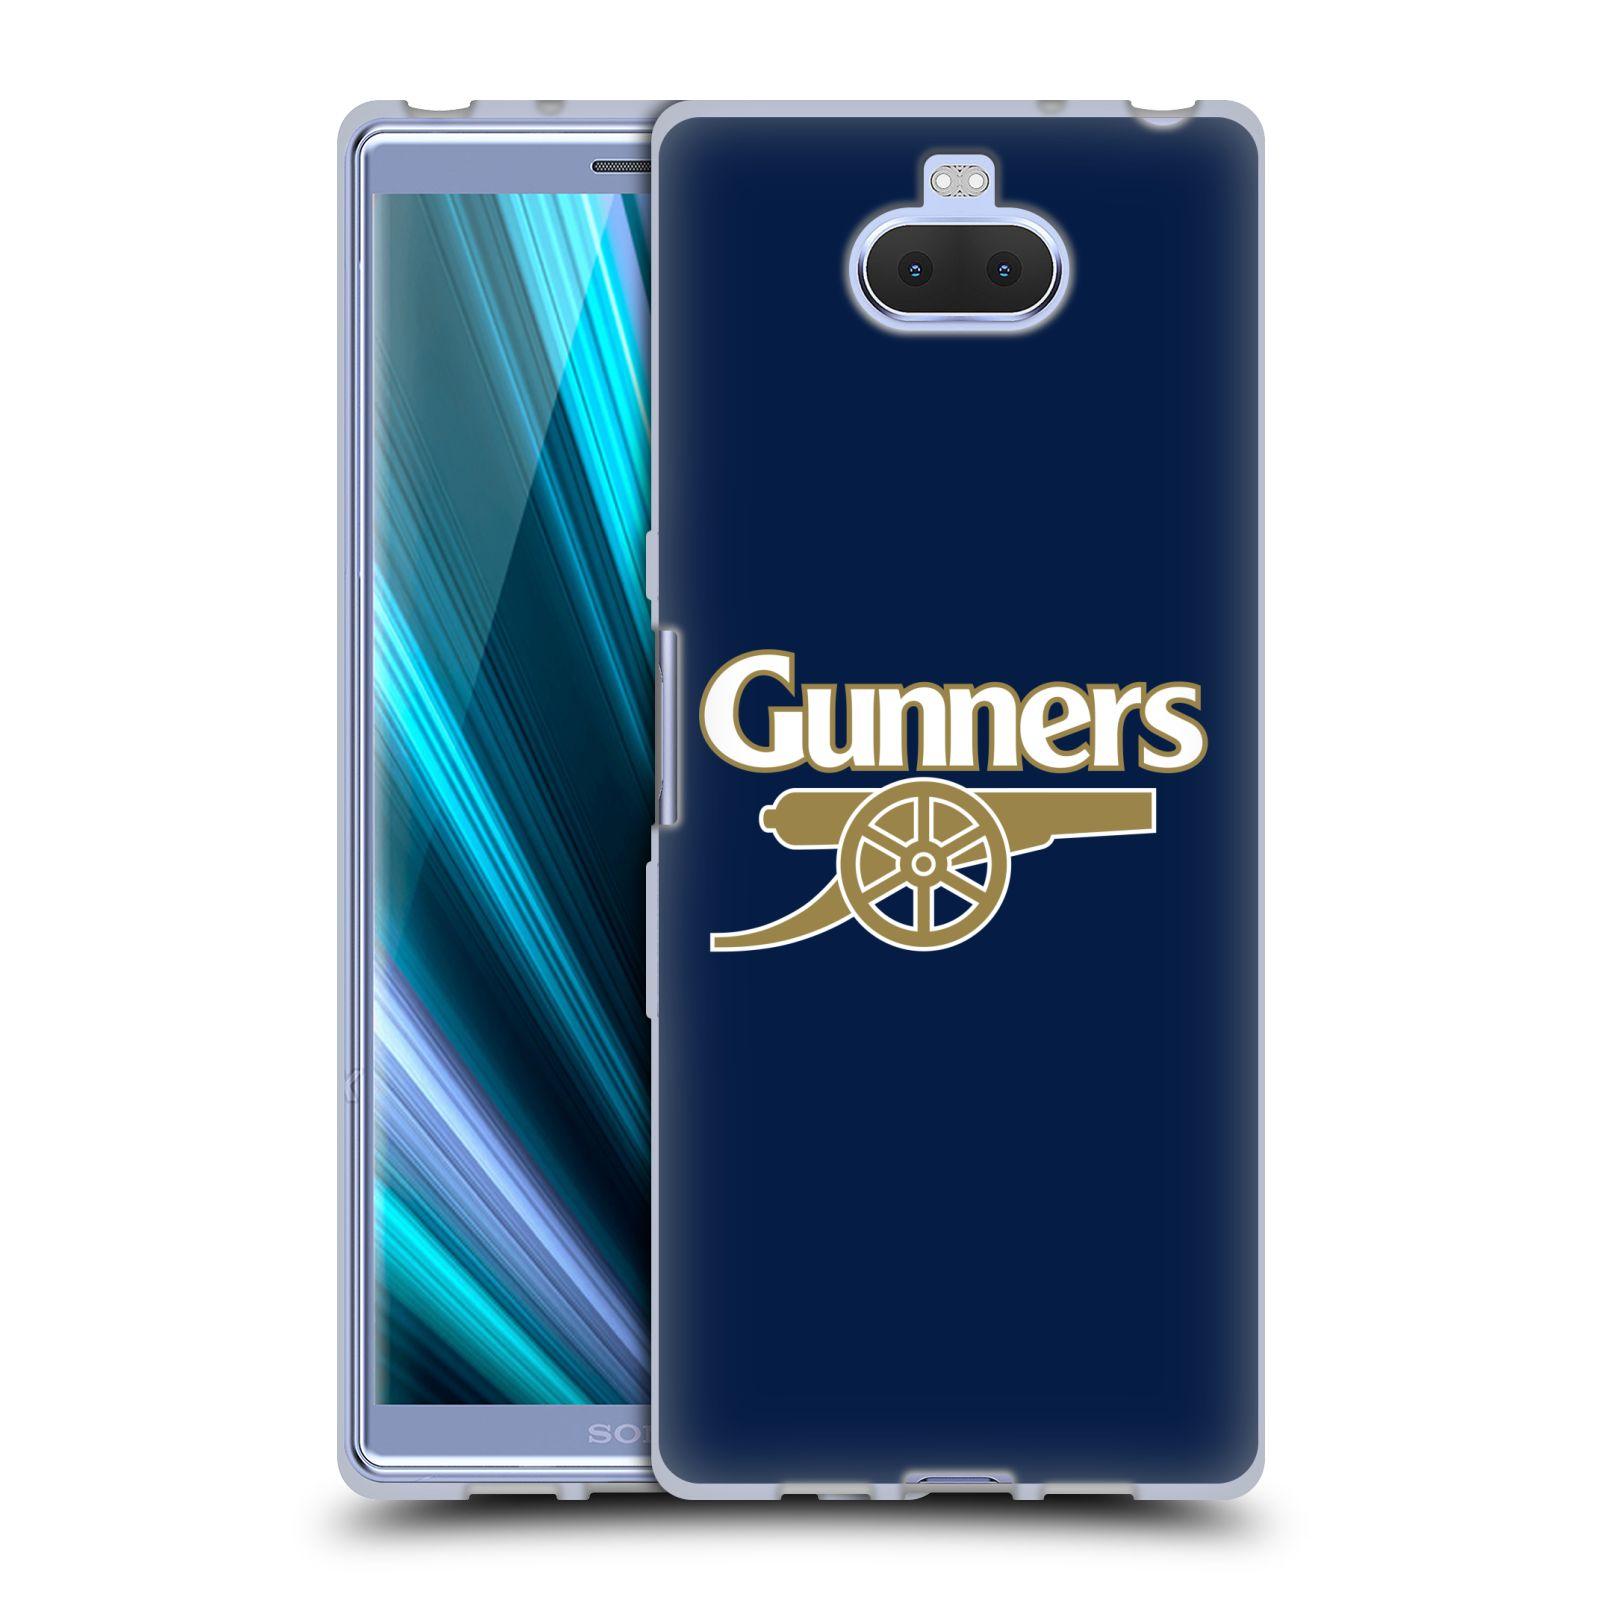 Silikonové pouzdro na mobil Sony Xperia 10 - Head Case - Arsenal FC - Gunners